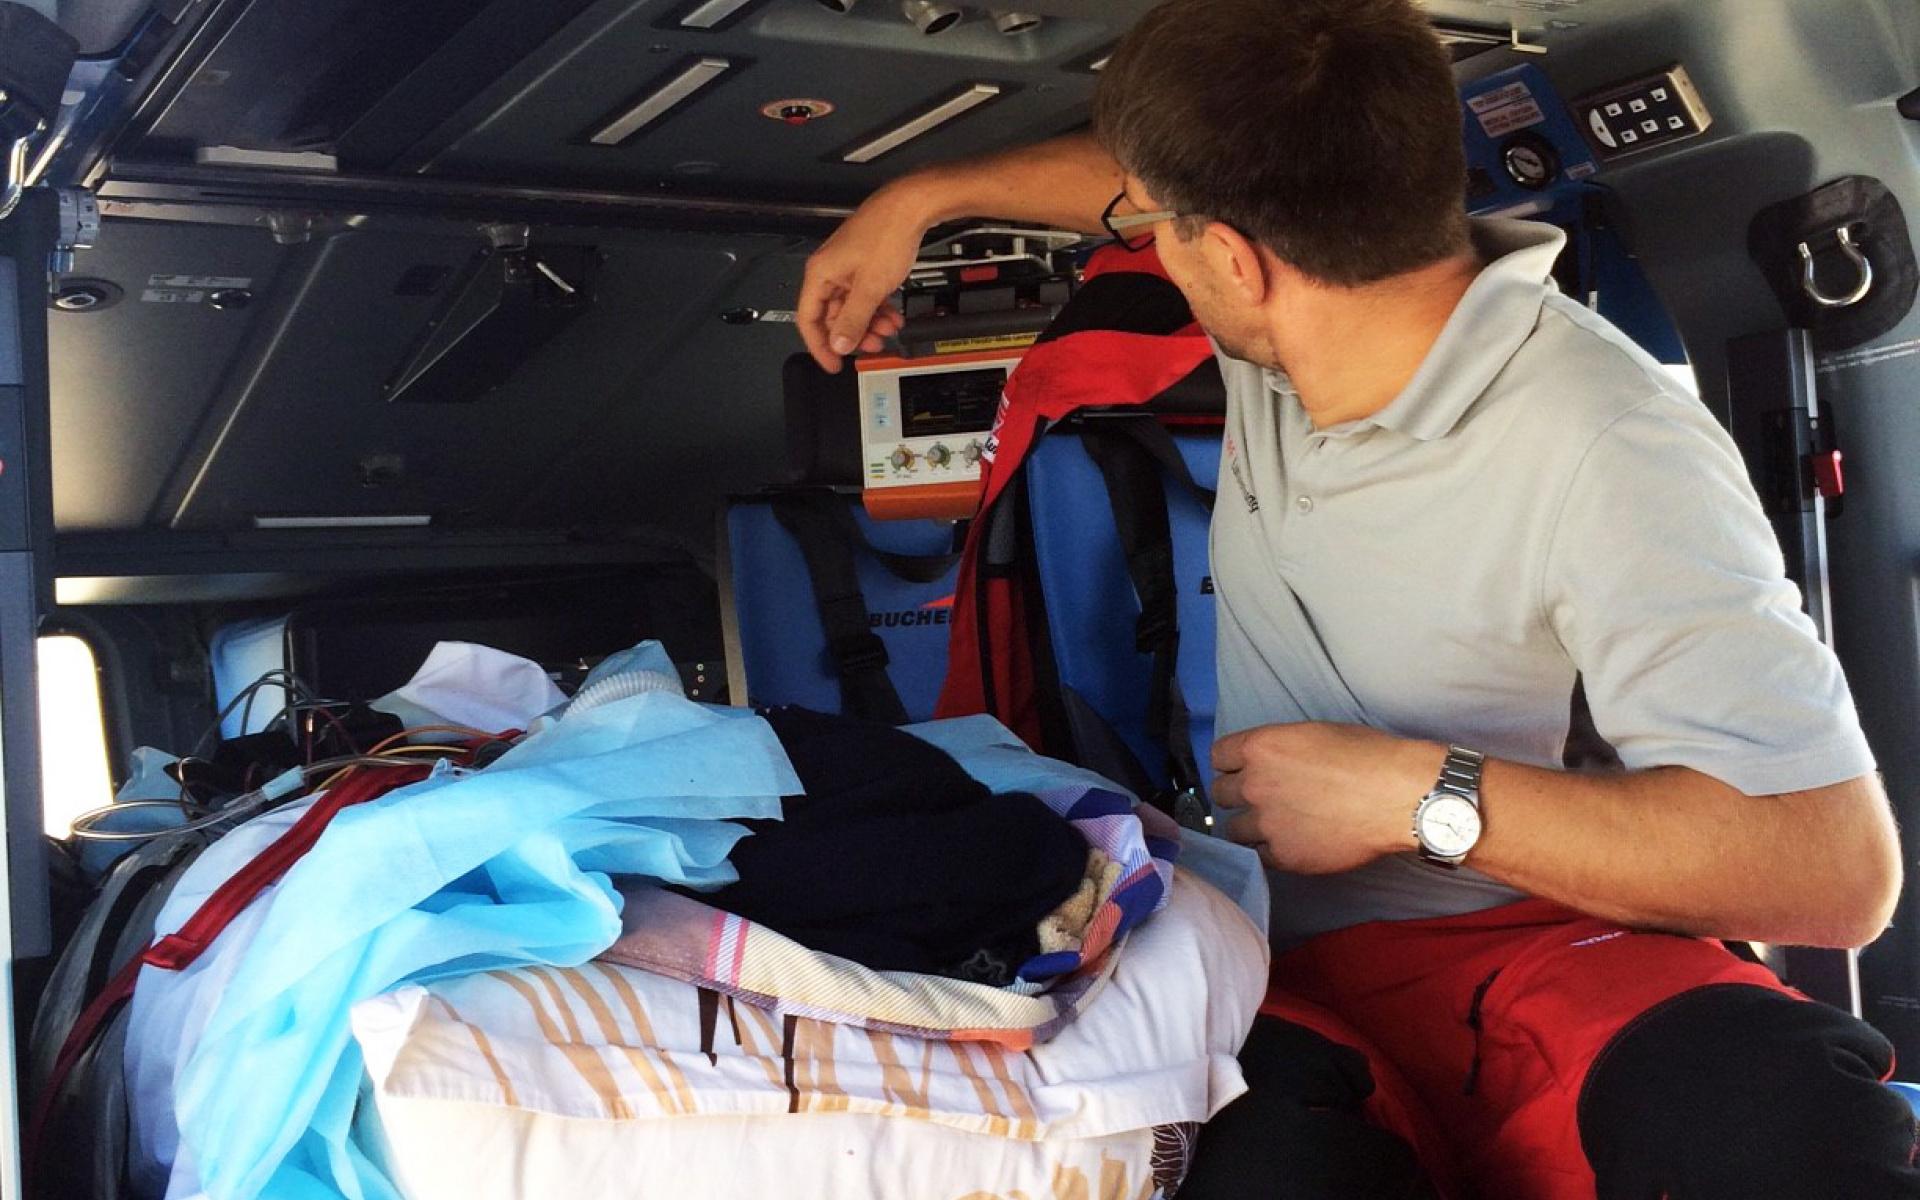 Dank der intensiv-medizinischen Ausstattung des Hubschraubers ist eine lückenlose Überwachung und Versorgung des Unfallopfers während des Fluges gewährleistet.